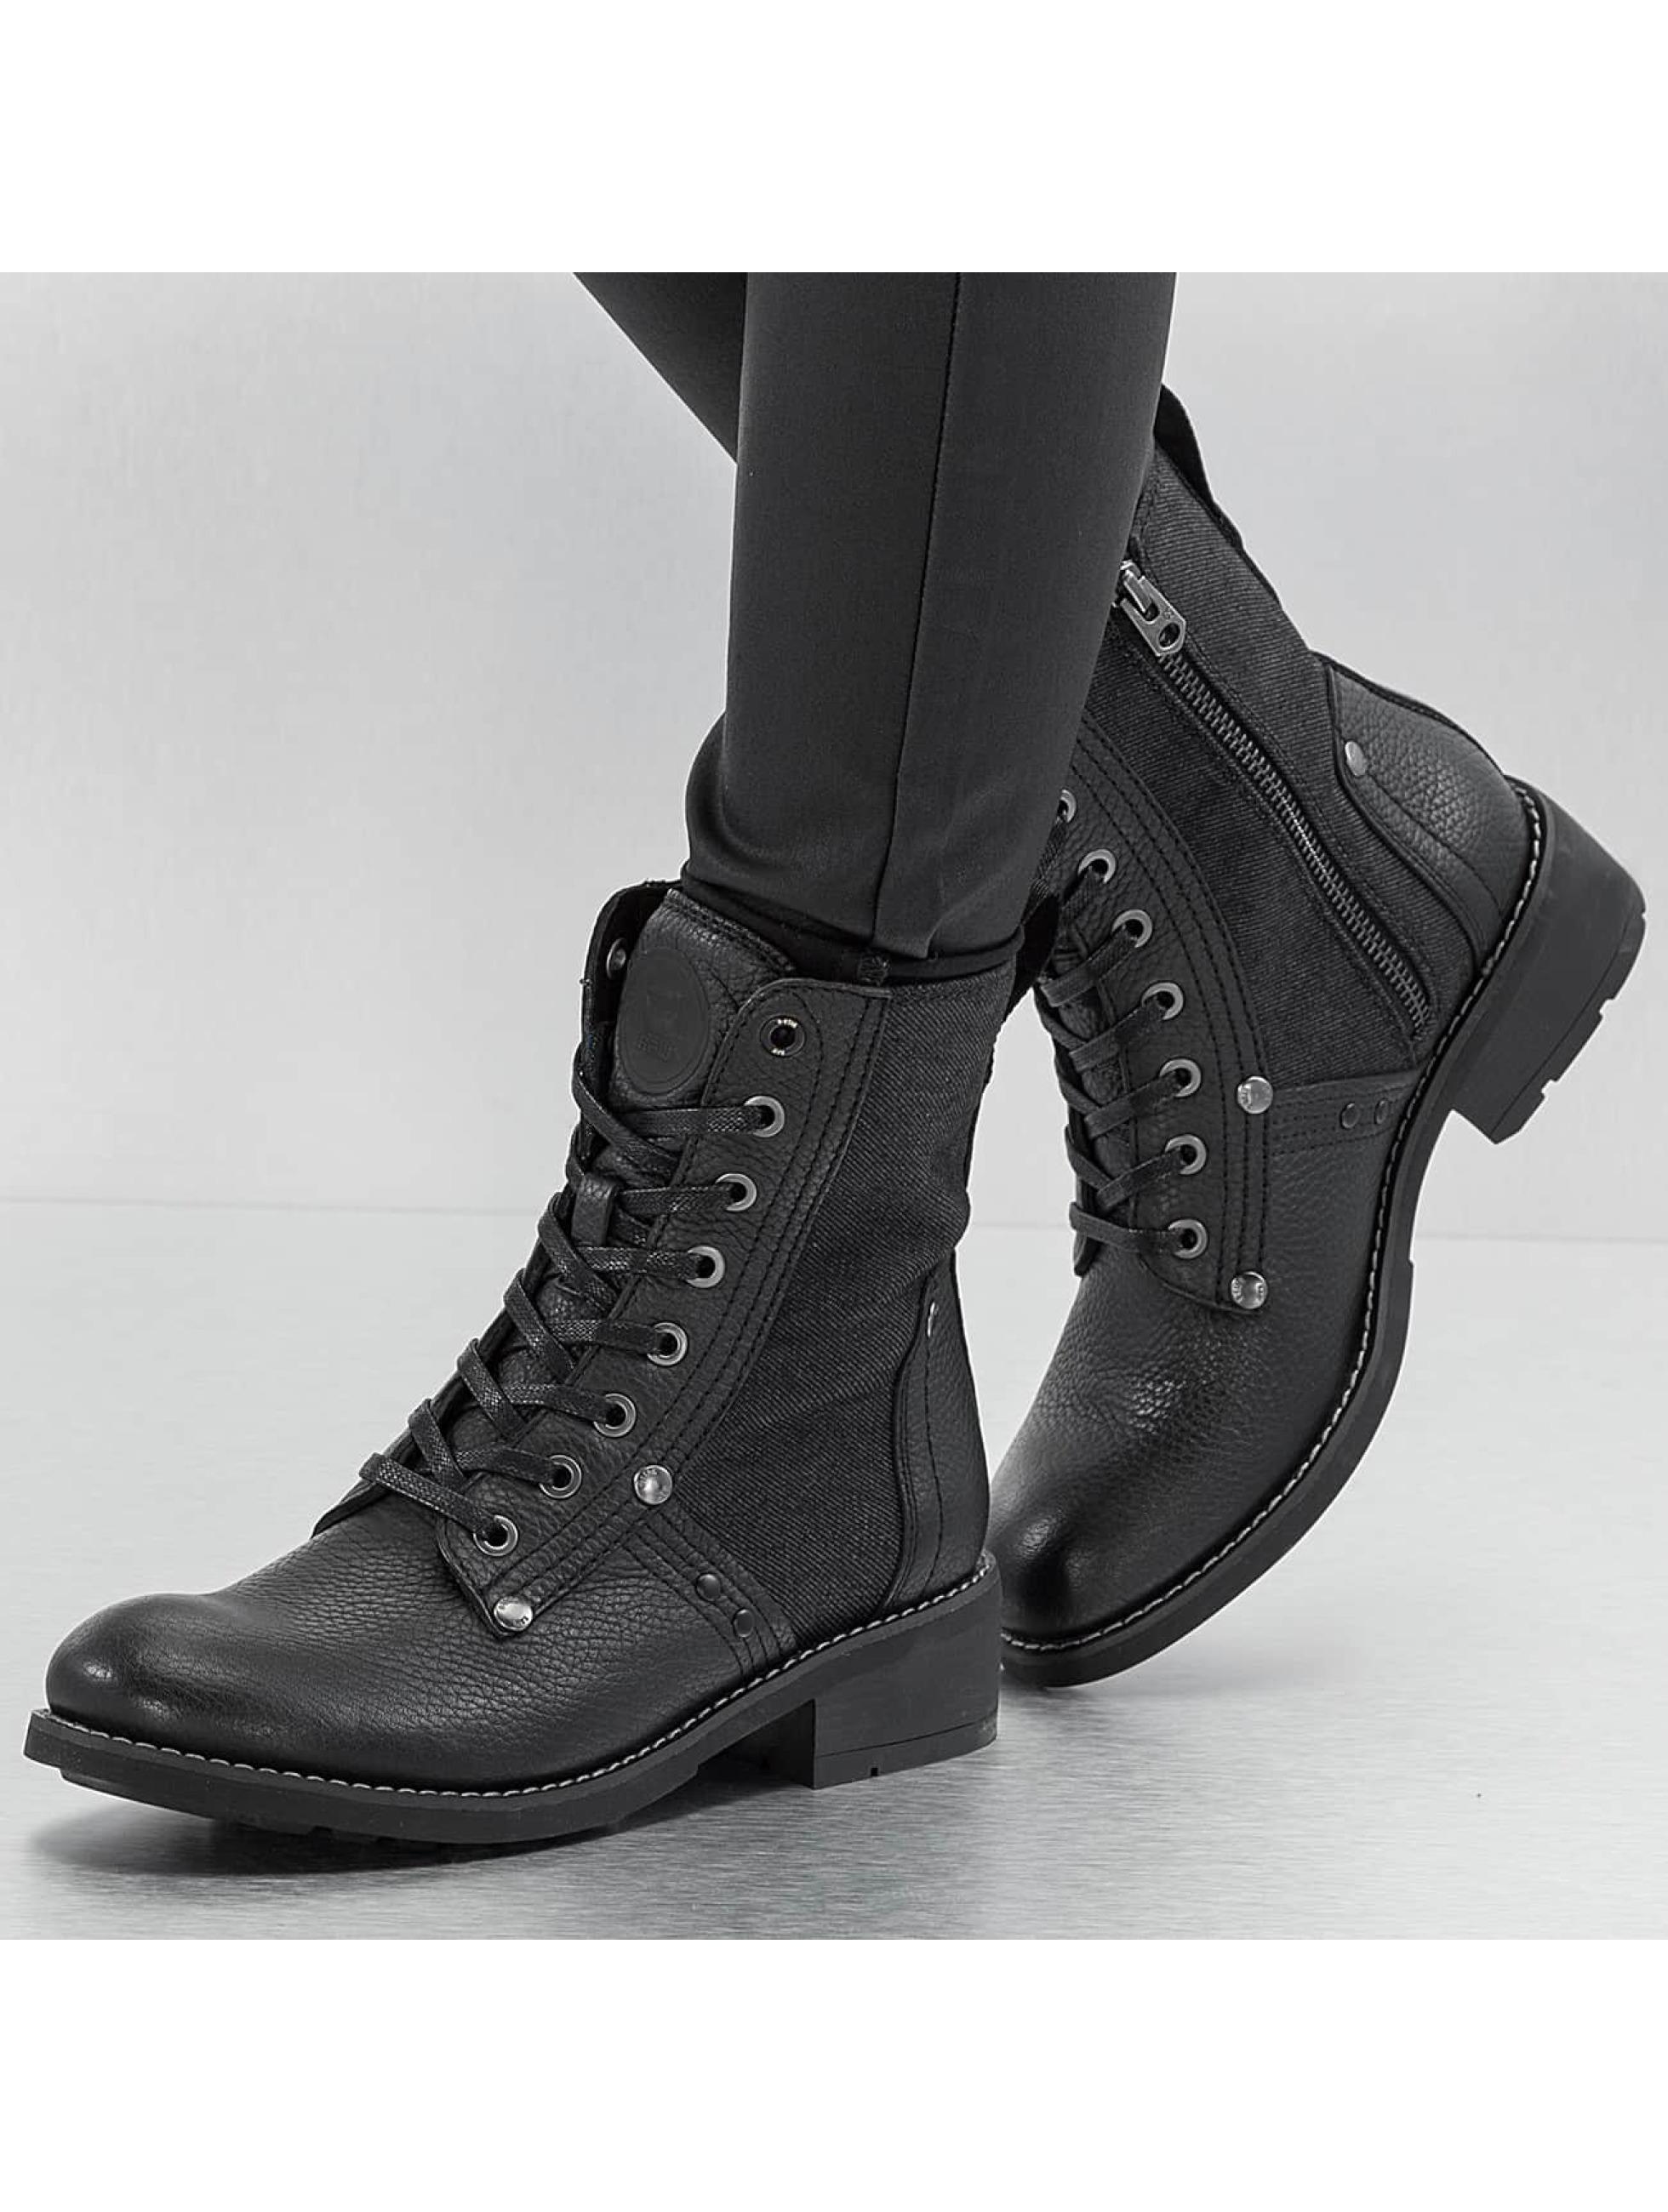 G-Star Chaussures / Chaussures montantes Labour en noir